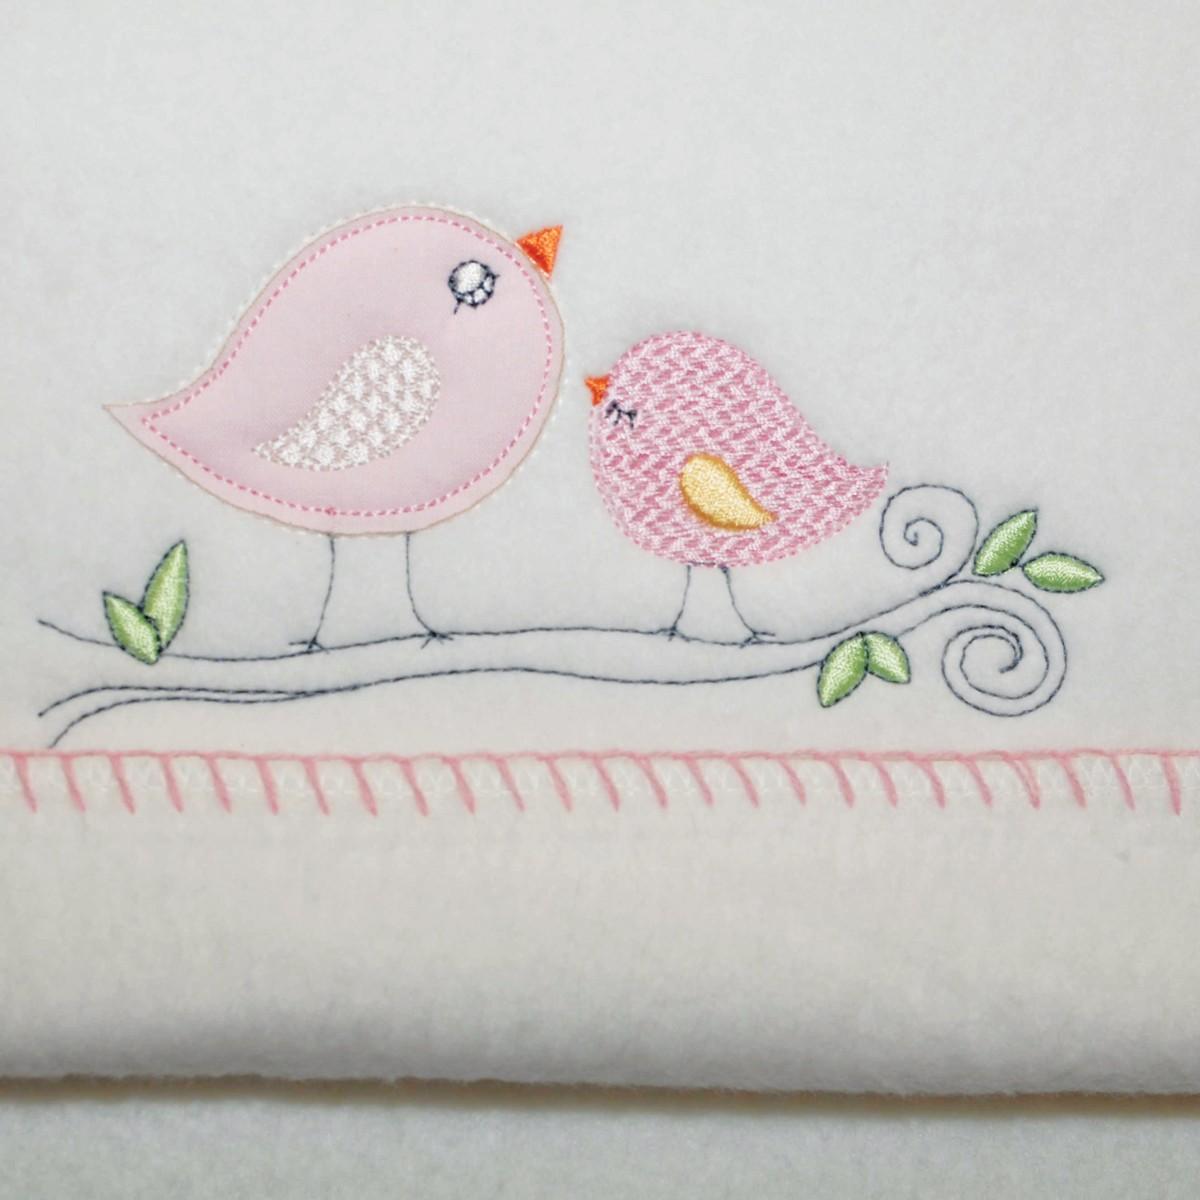 Κουβέρτα Βαμβακερή Αγκαλιάς Morven 525 Pink home   βρεφικά   κουβέρτες βρεφικές   κουβέρτες fleece